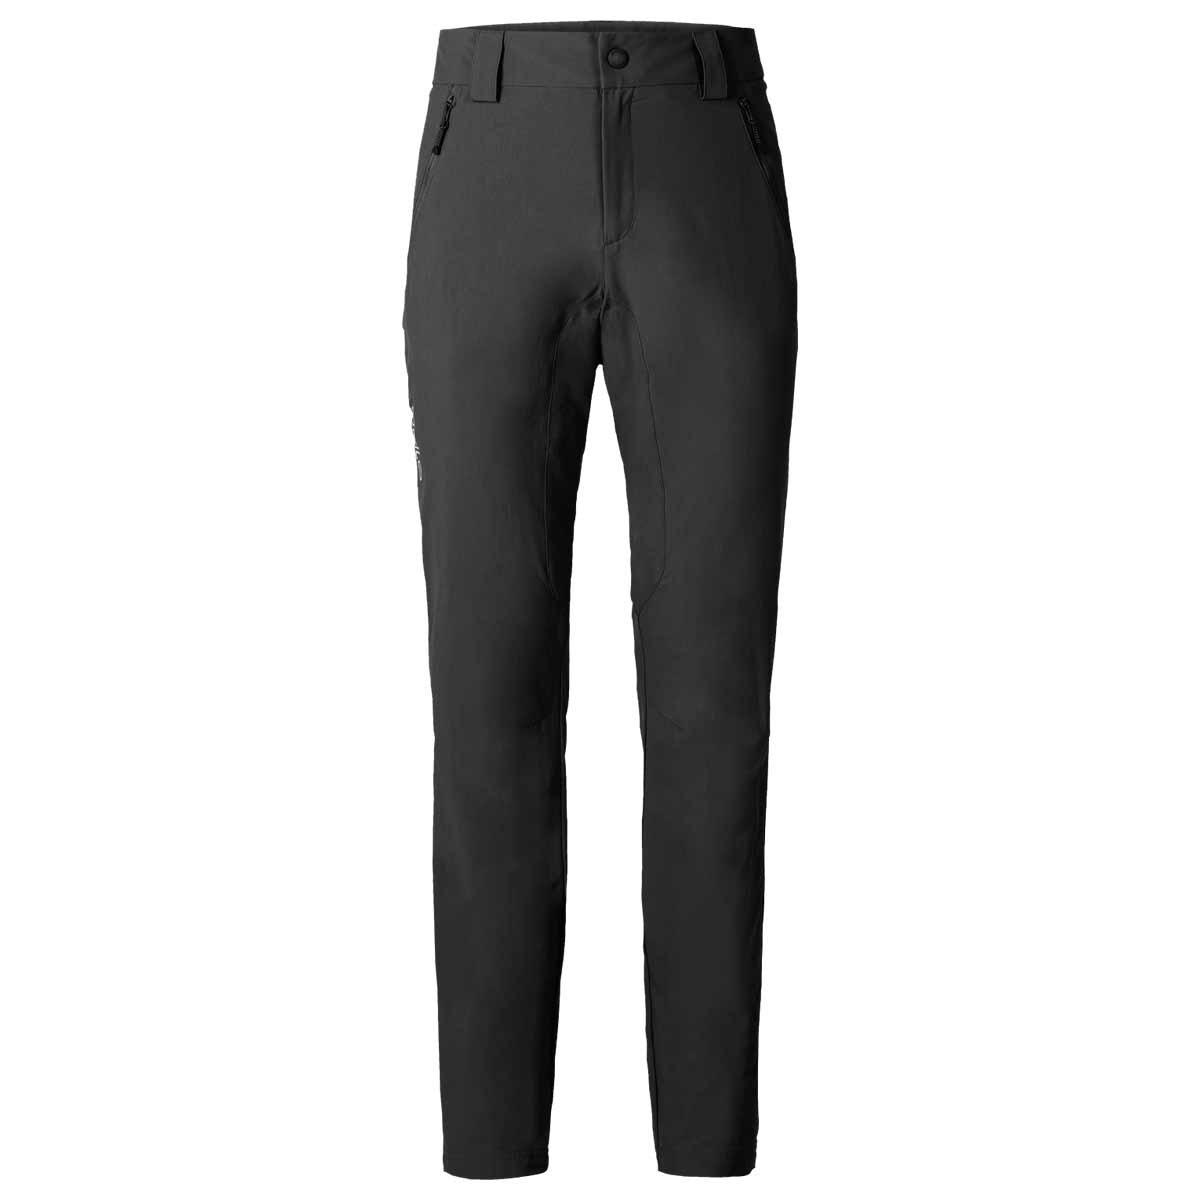 Odlo Shorts SPOOR odlo graphite Grau - 50